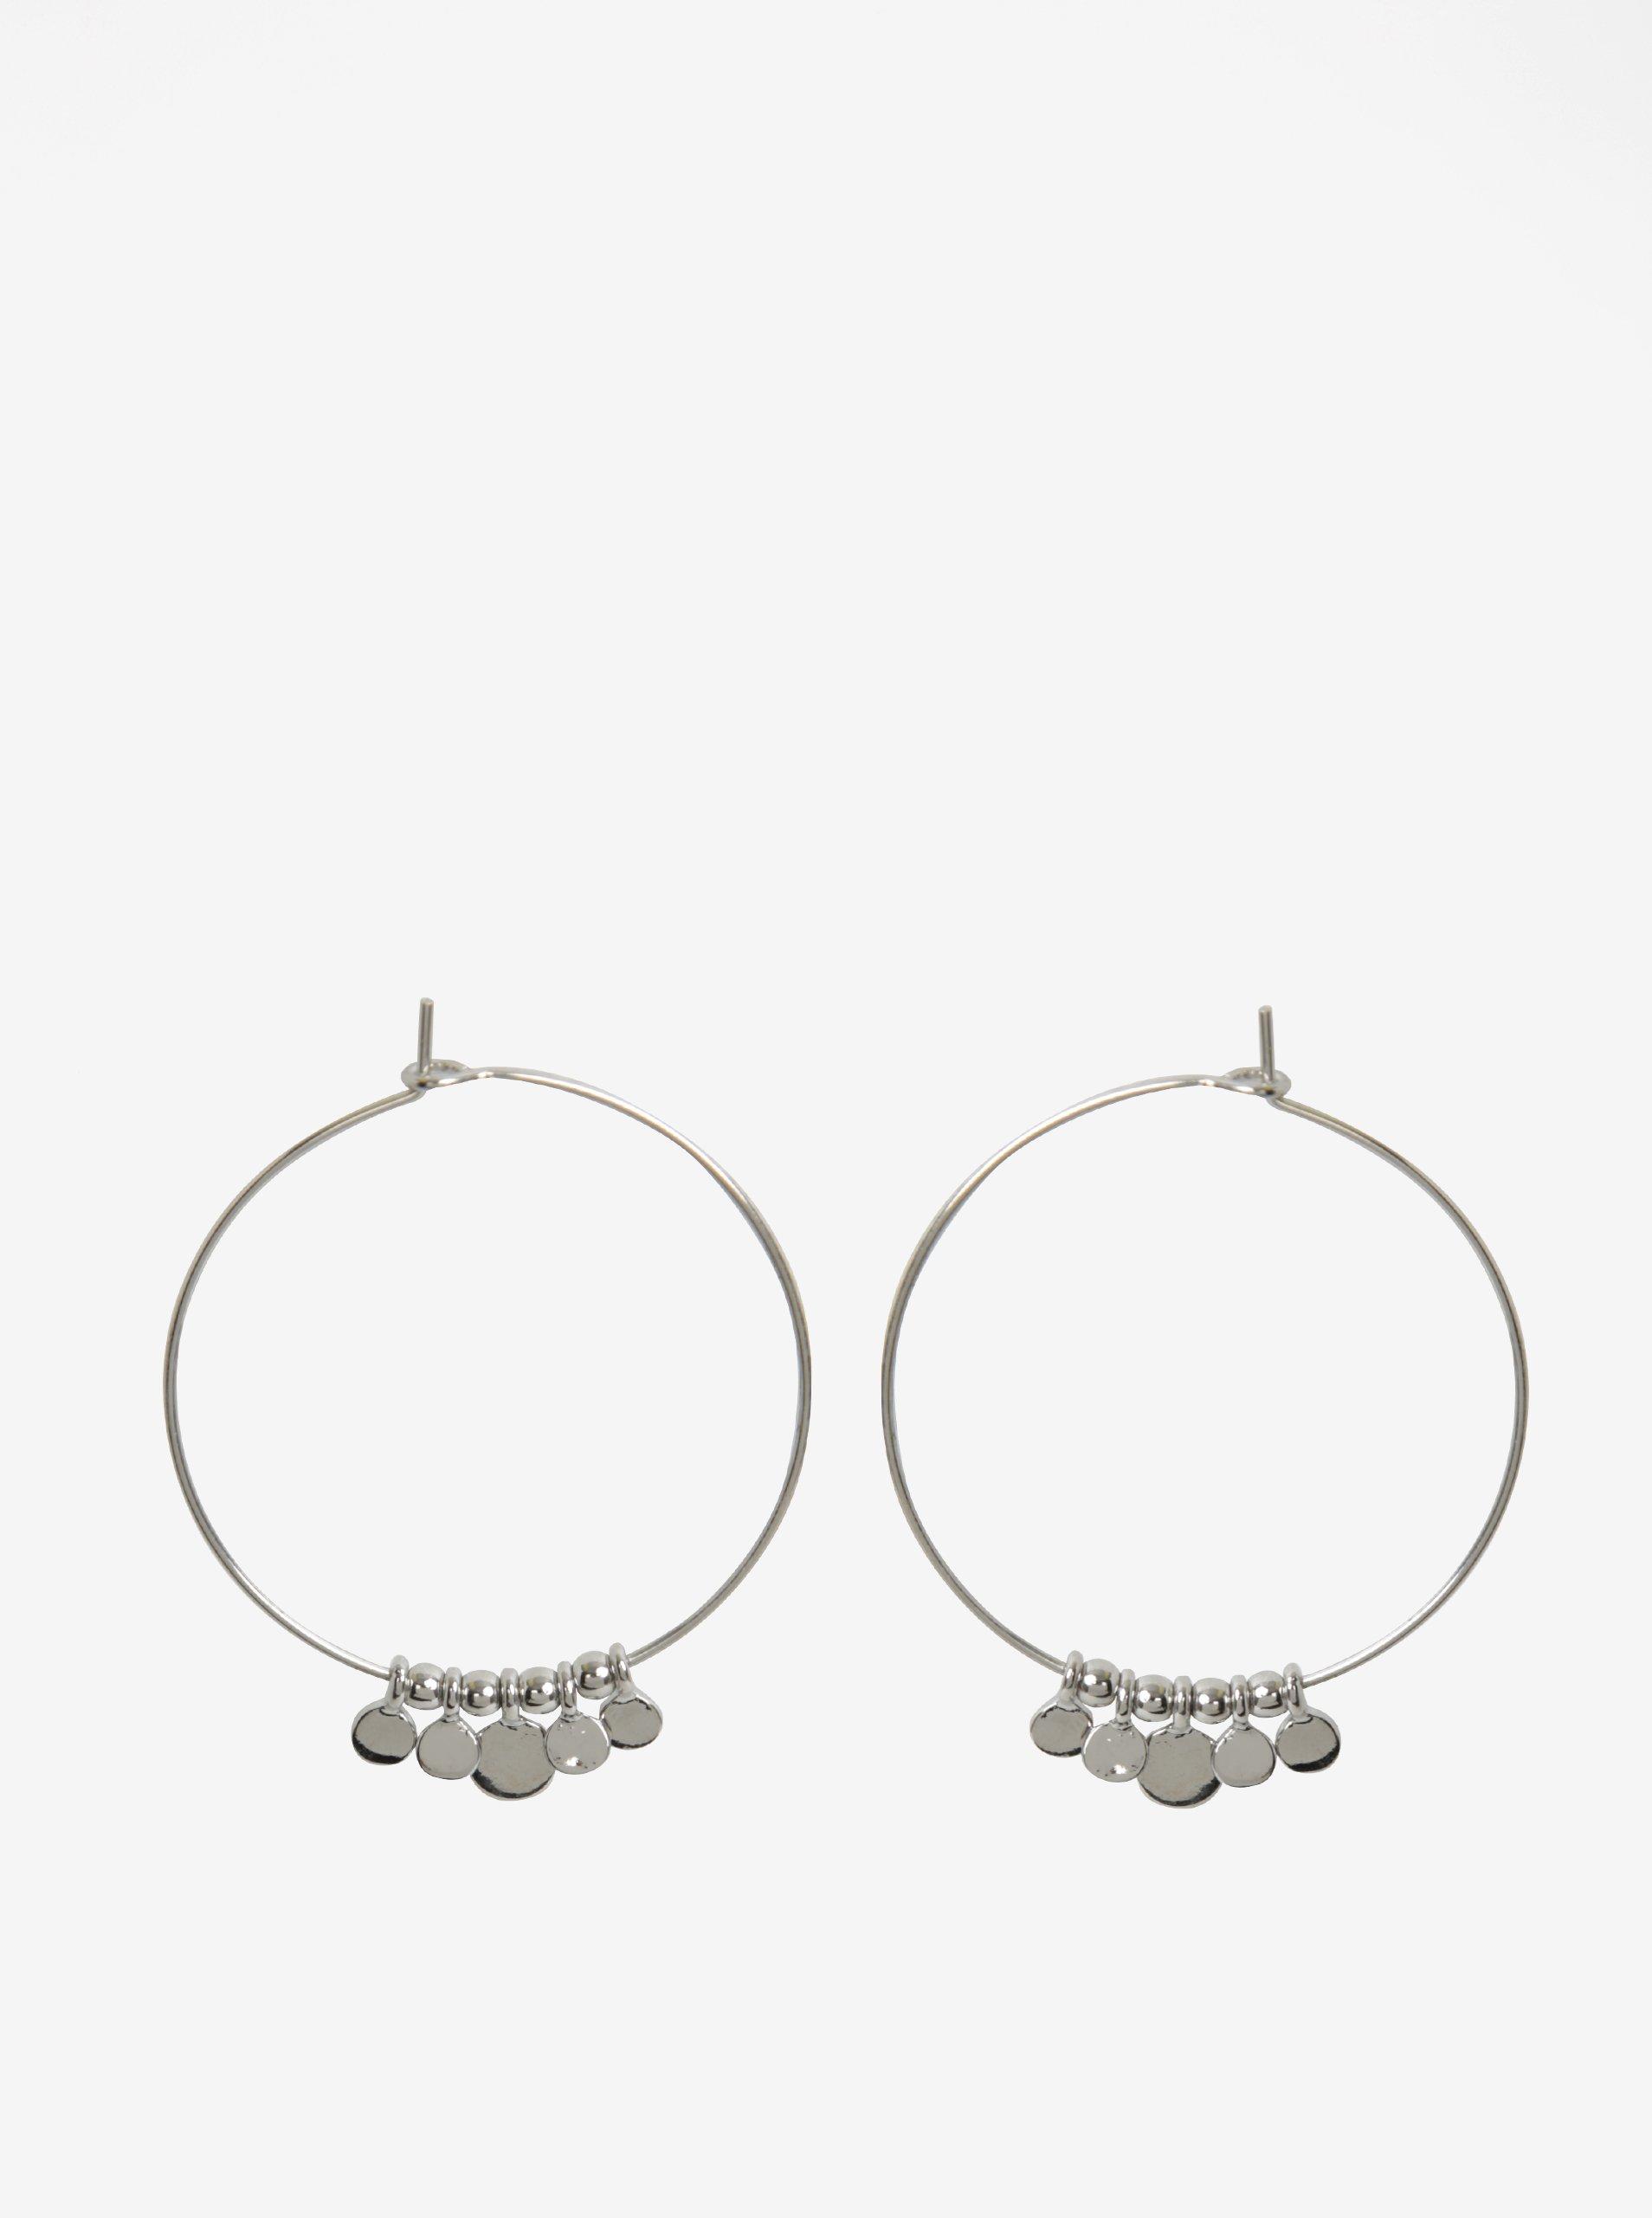 Kruhové náušnice s přívěsky ve stříbrné barvě Pieces Valeria